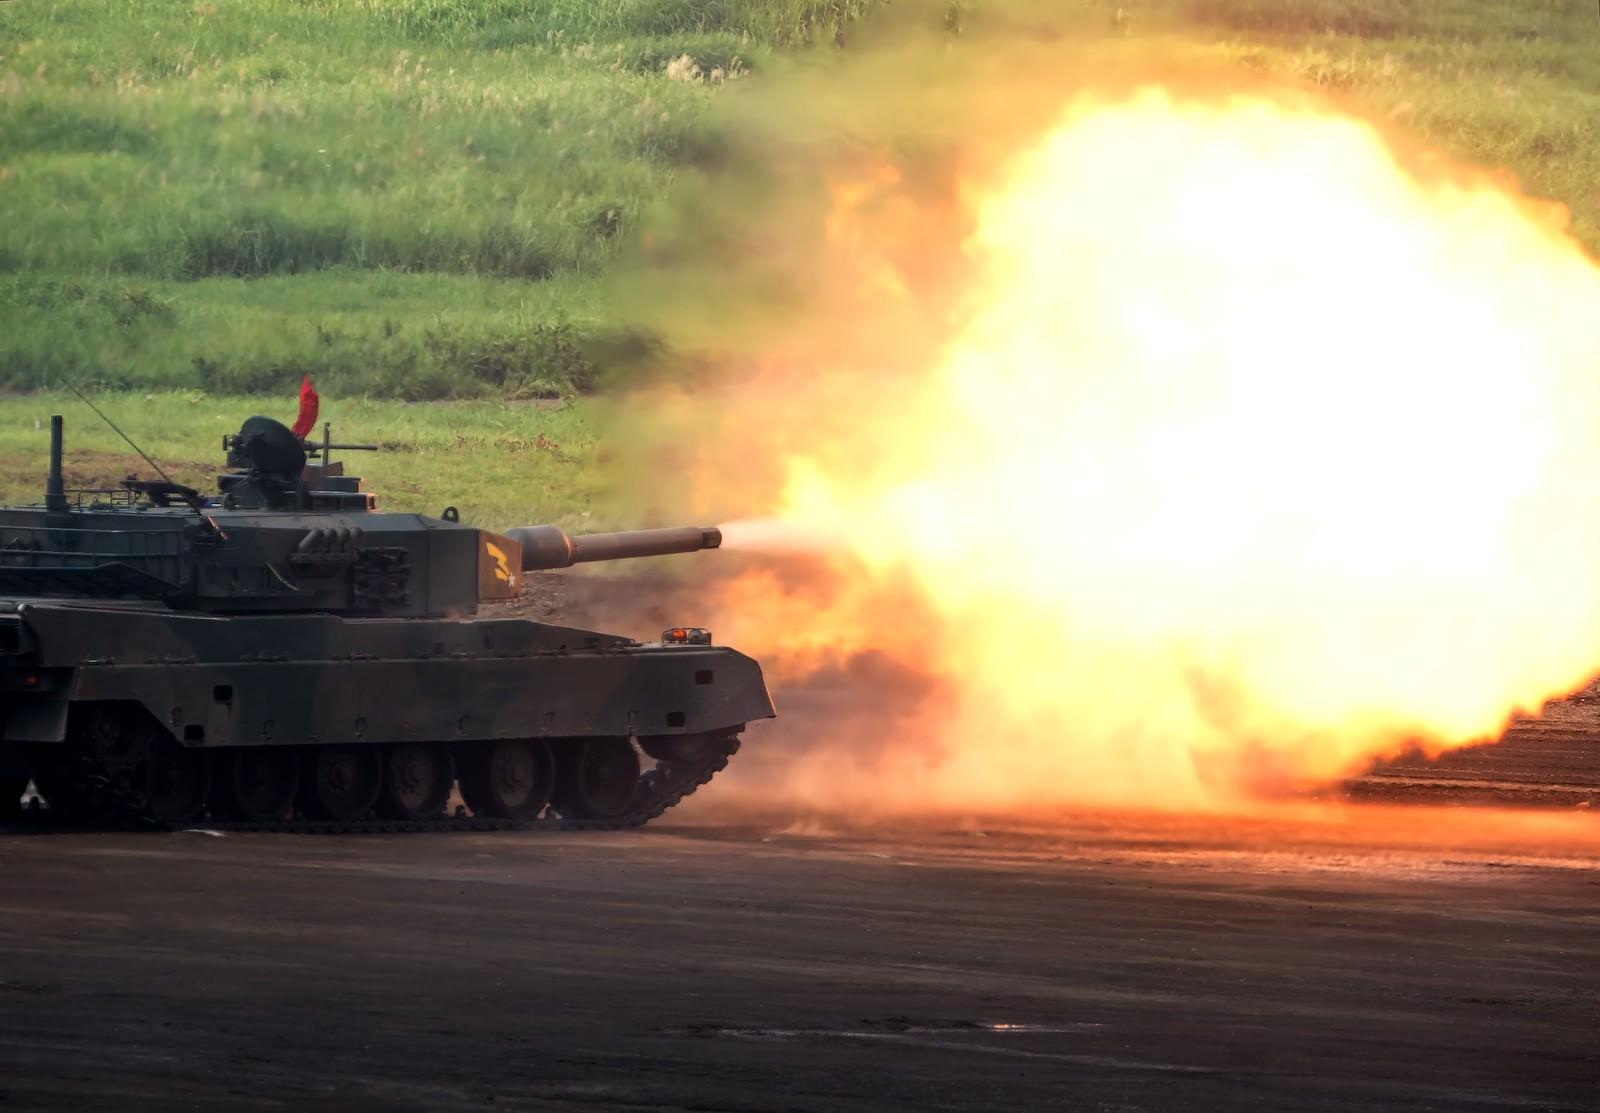 「90式戦車の発射炎」の写真